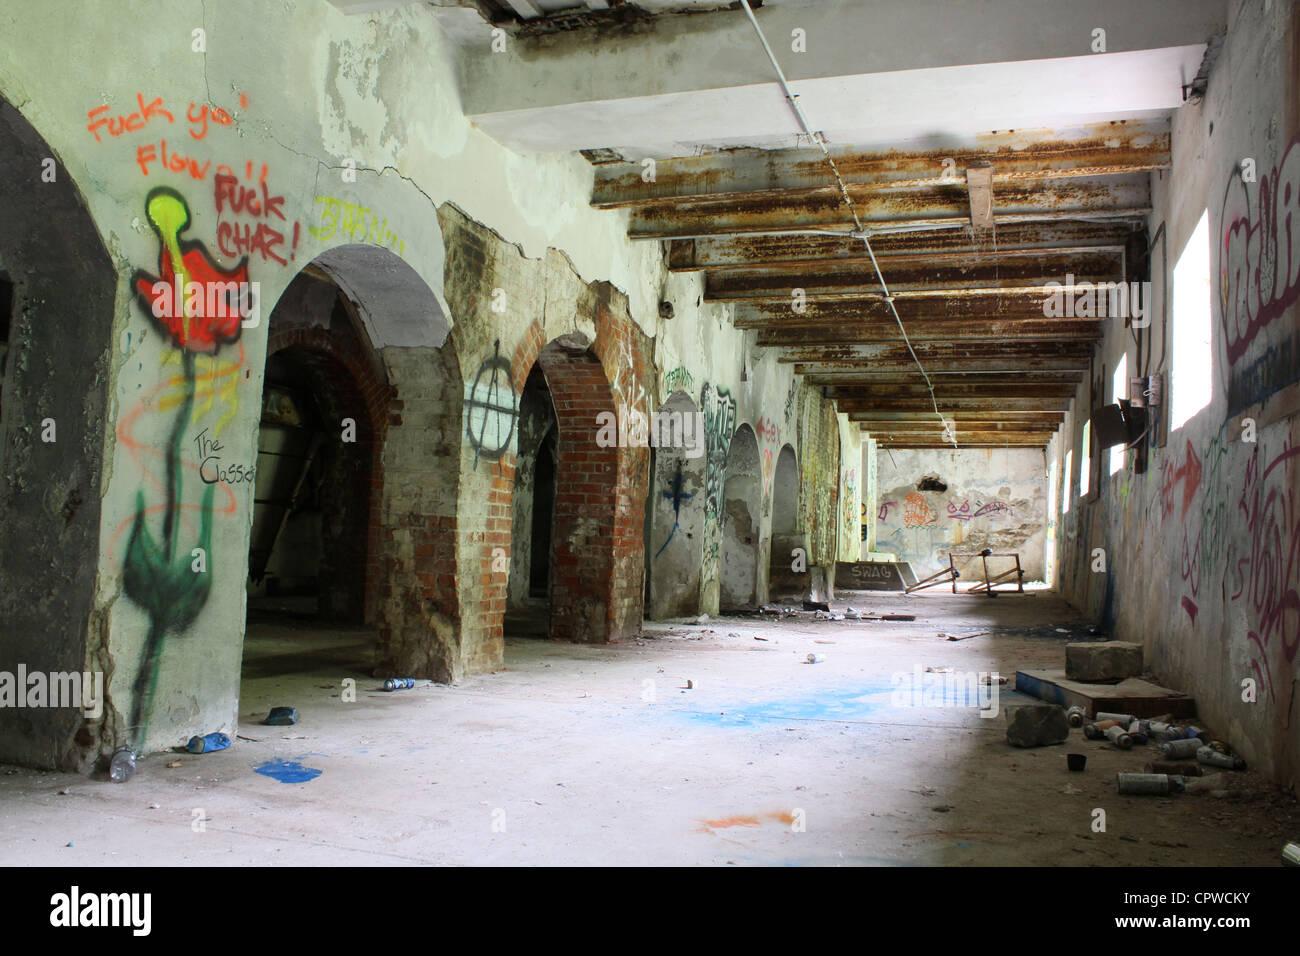 Abandonner l'intérieur du bâtiment Photo Stock